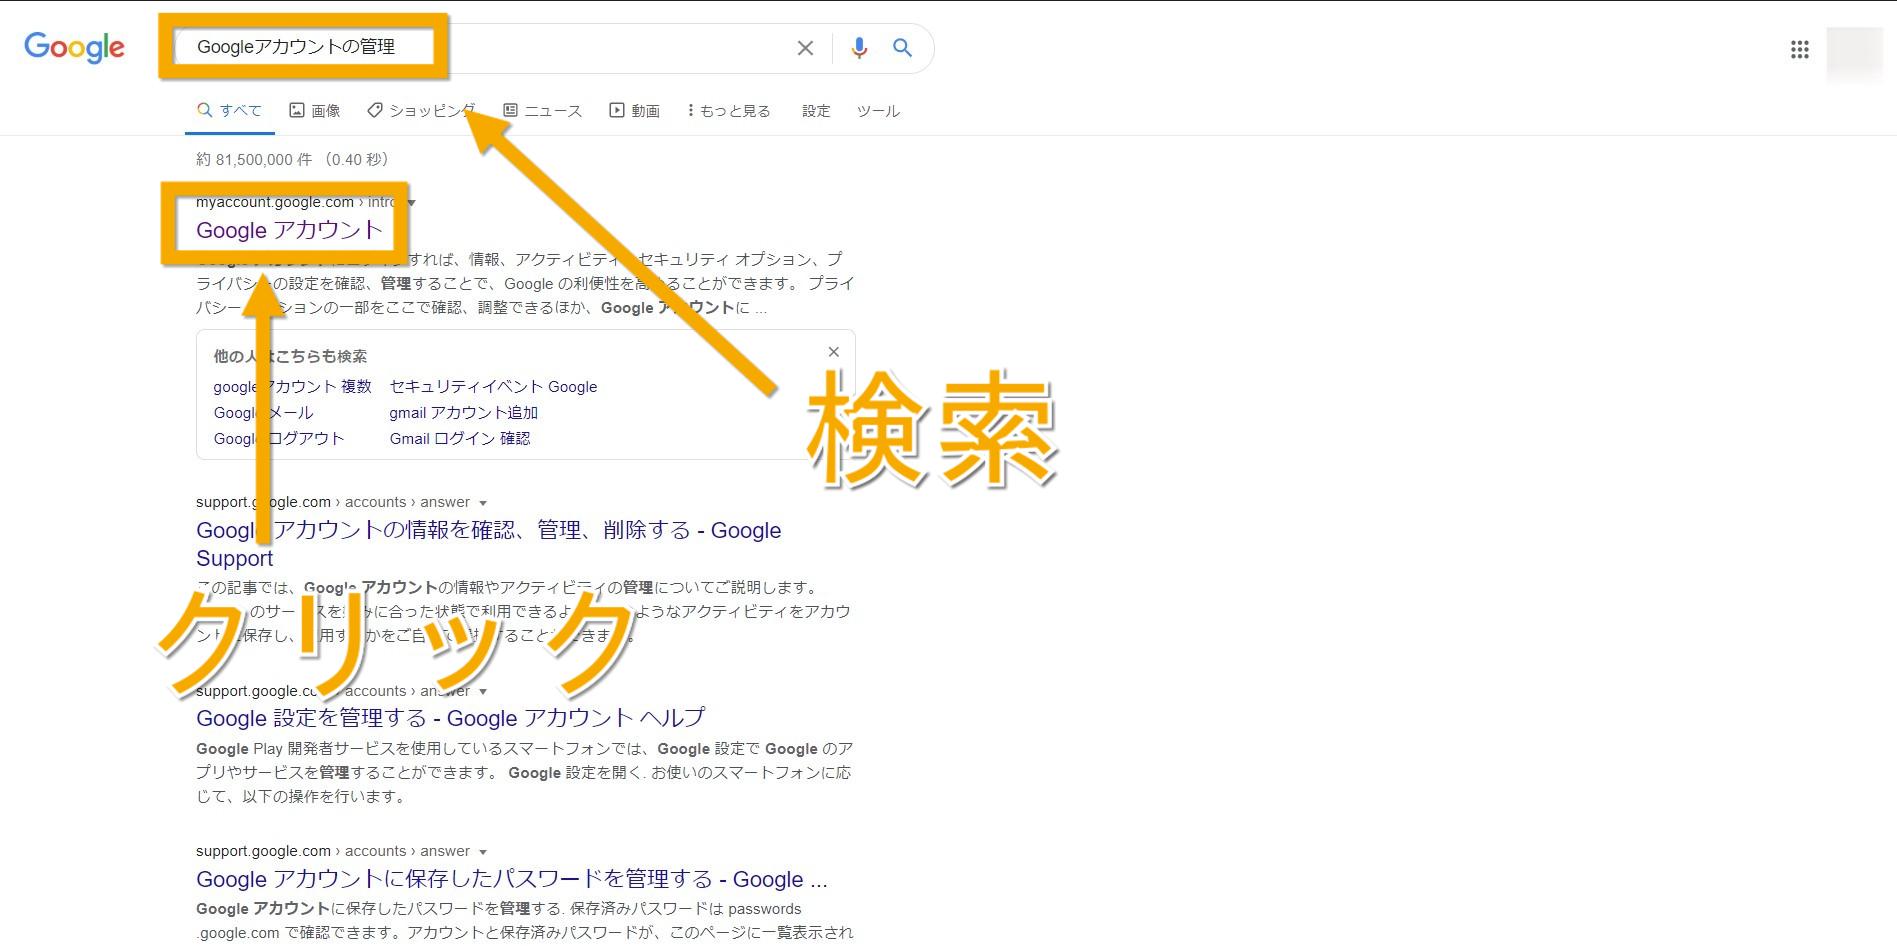 管理 google パスワード